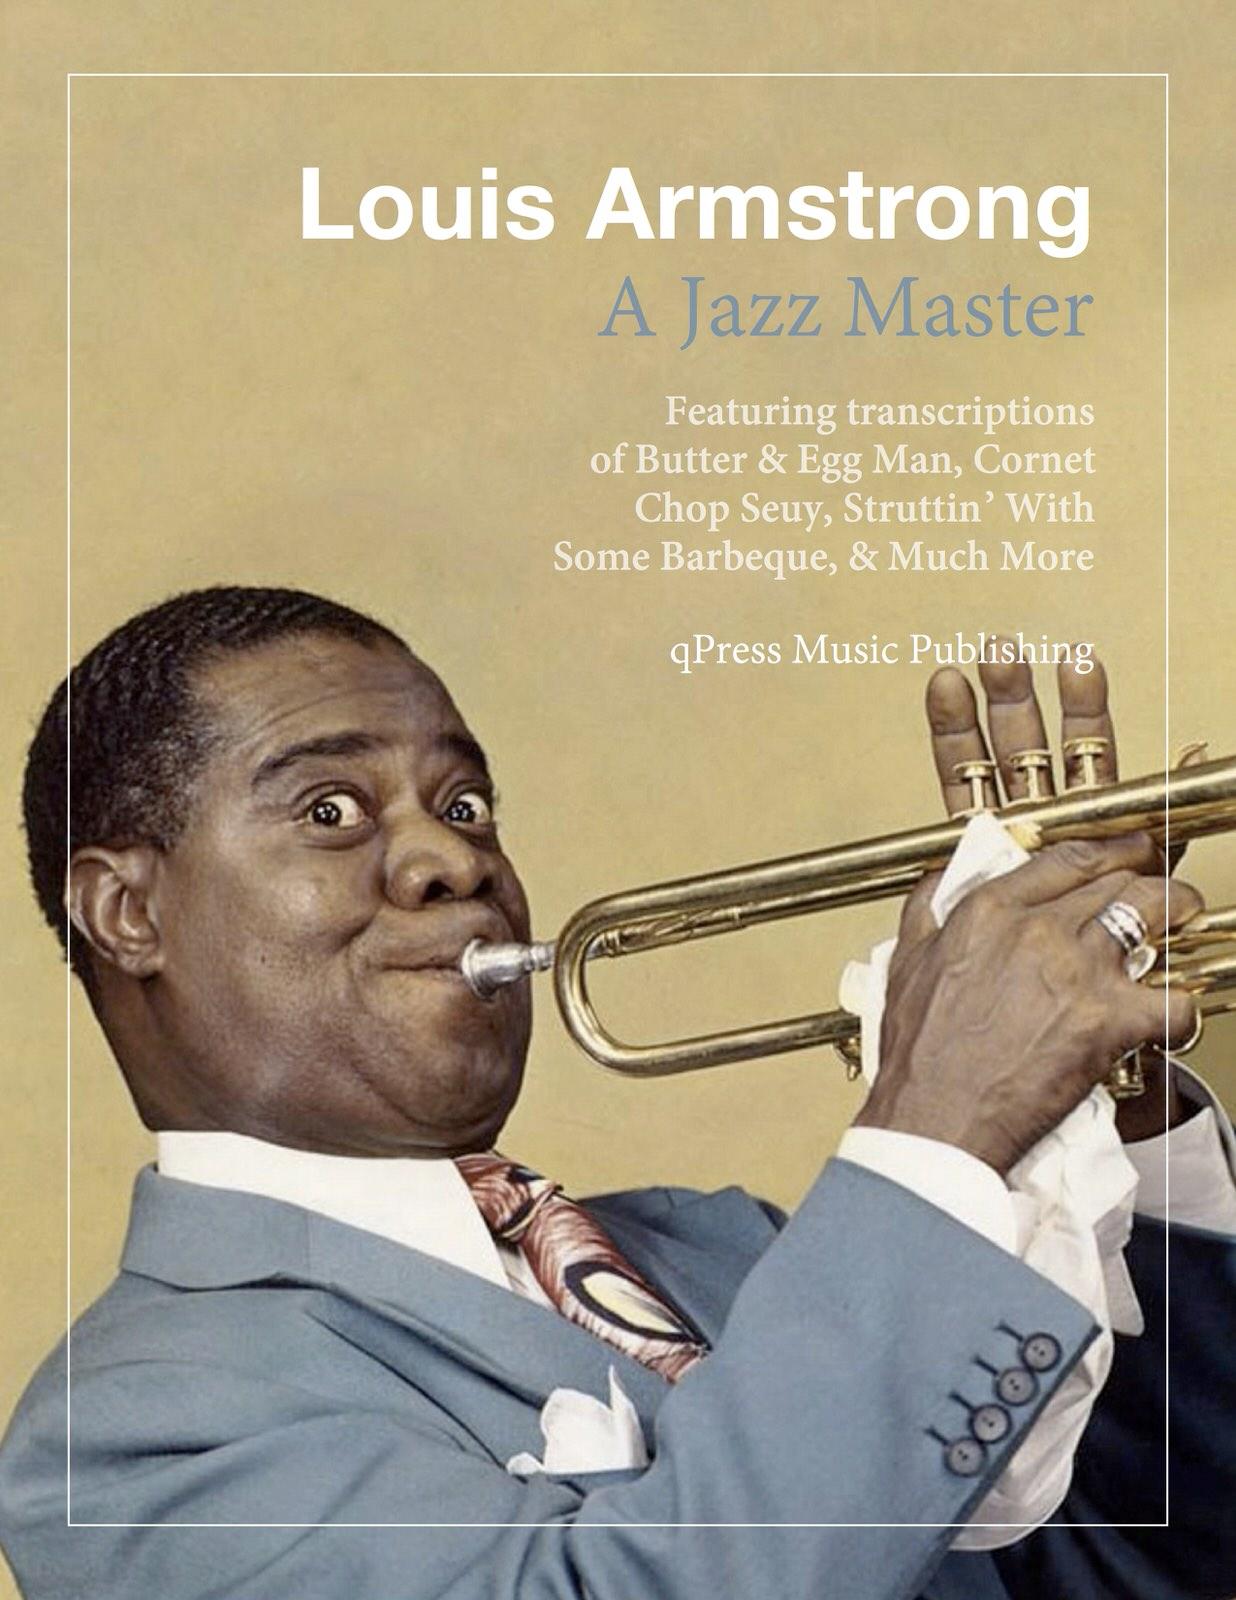 Jazz Transcription Bundle Vol 2 by Various Authors | qPress